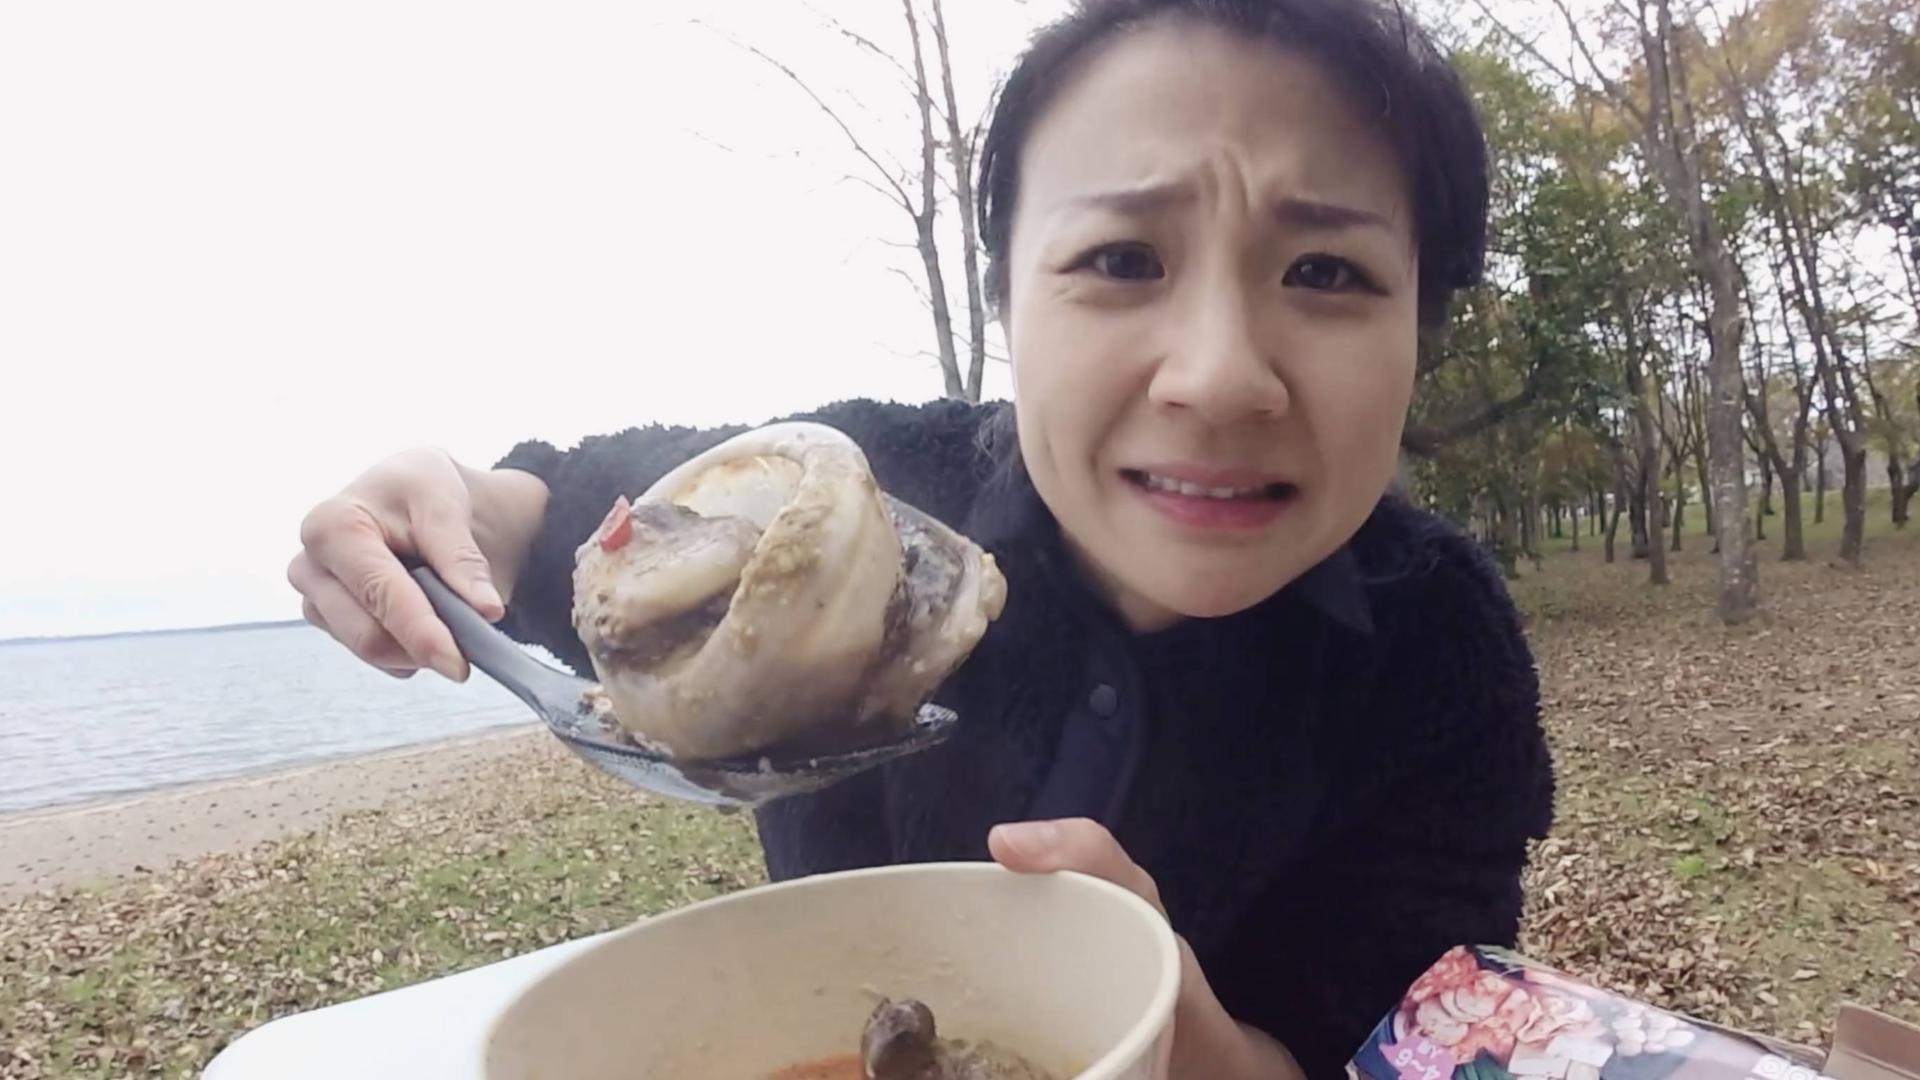 小梦吃日本巨大金枪鱼眼珠的鸳鸯火锅!~ 豆奶汤底也很美味哇秋天一起元气吃起来吧~~!